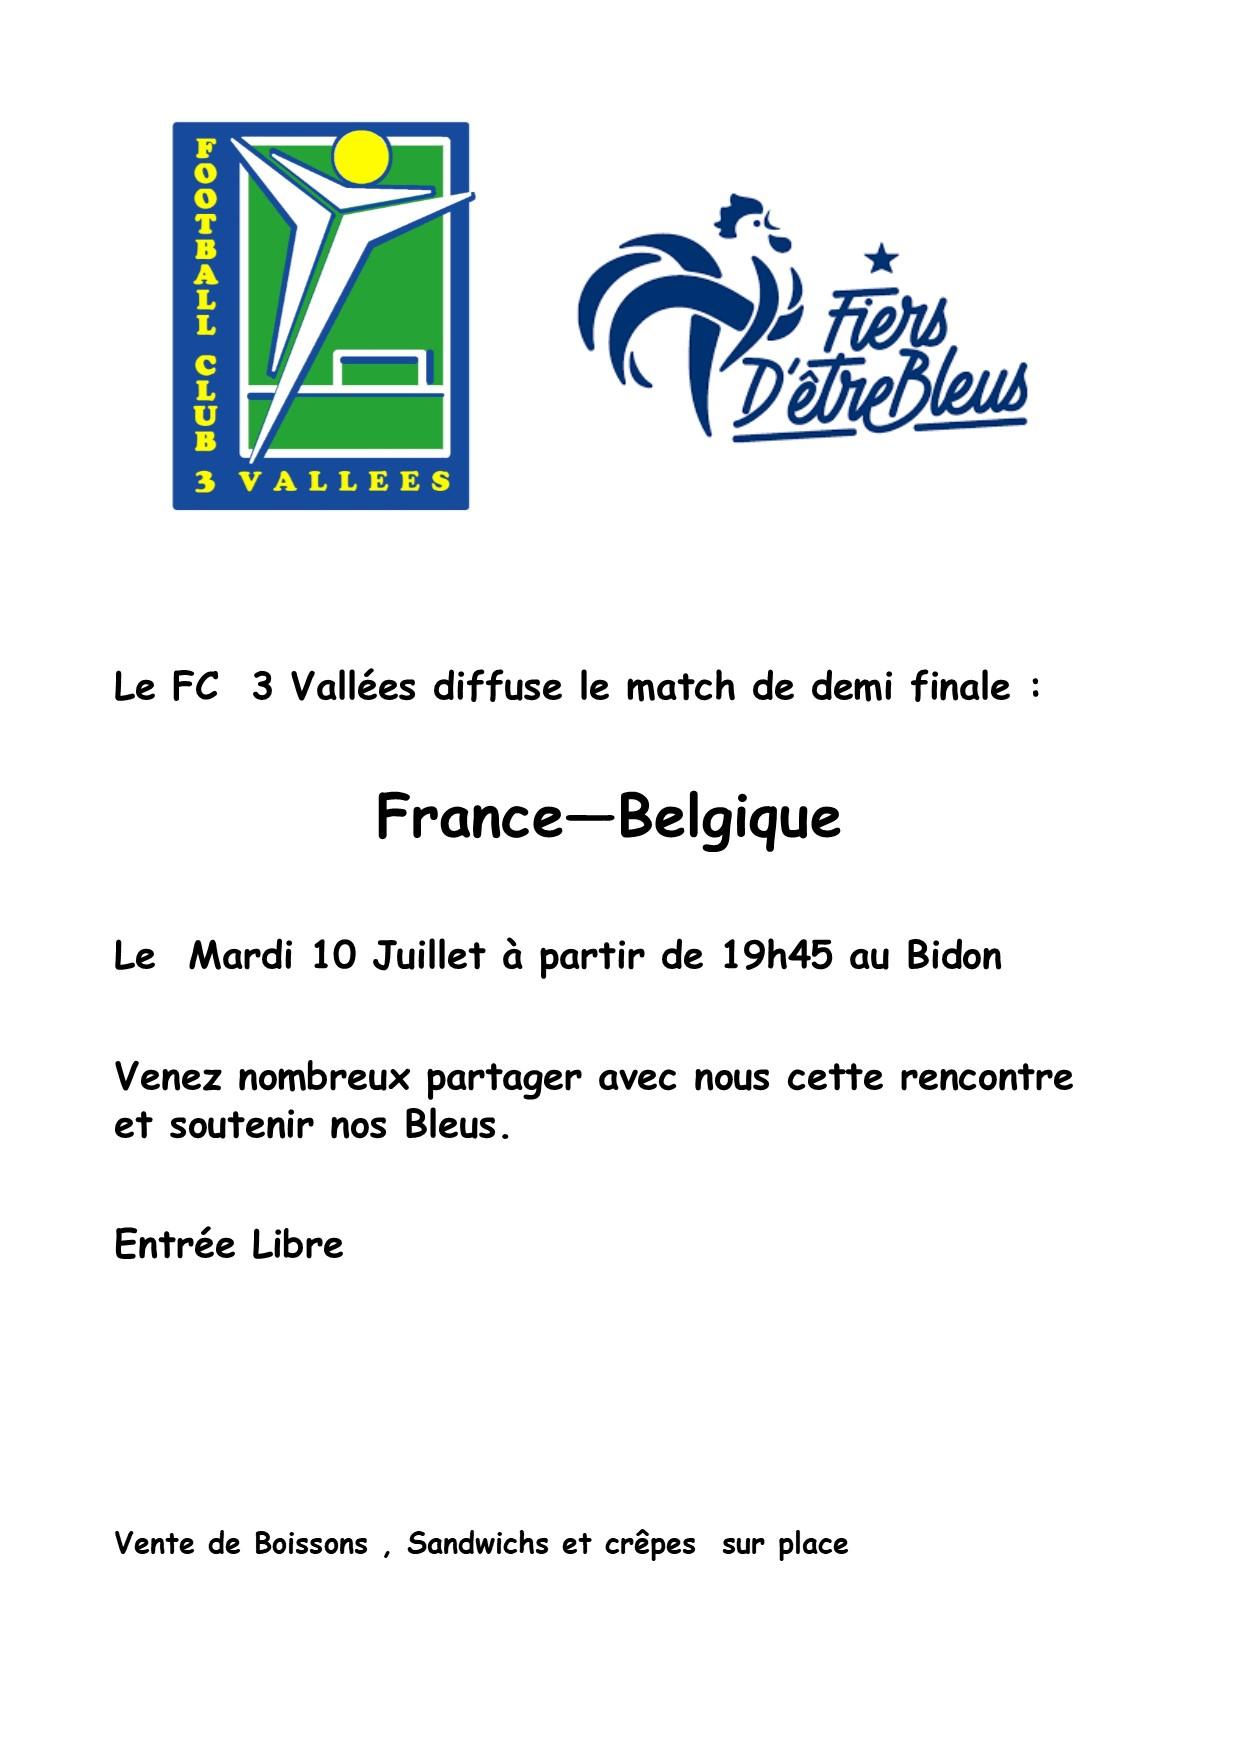 Match demi finale France Belgique